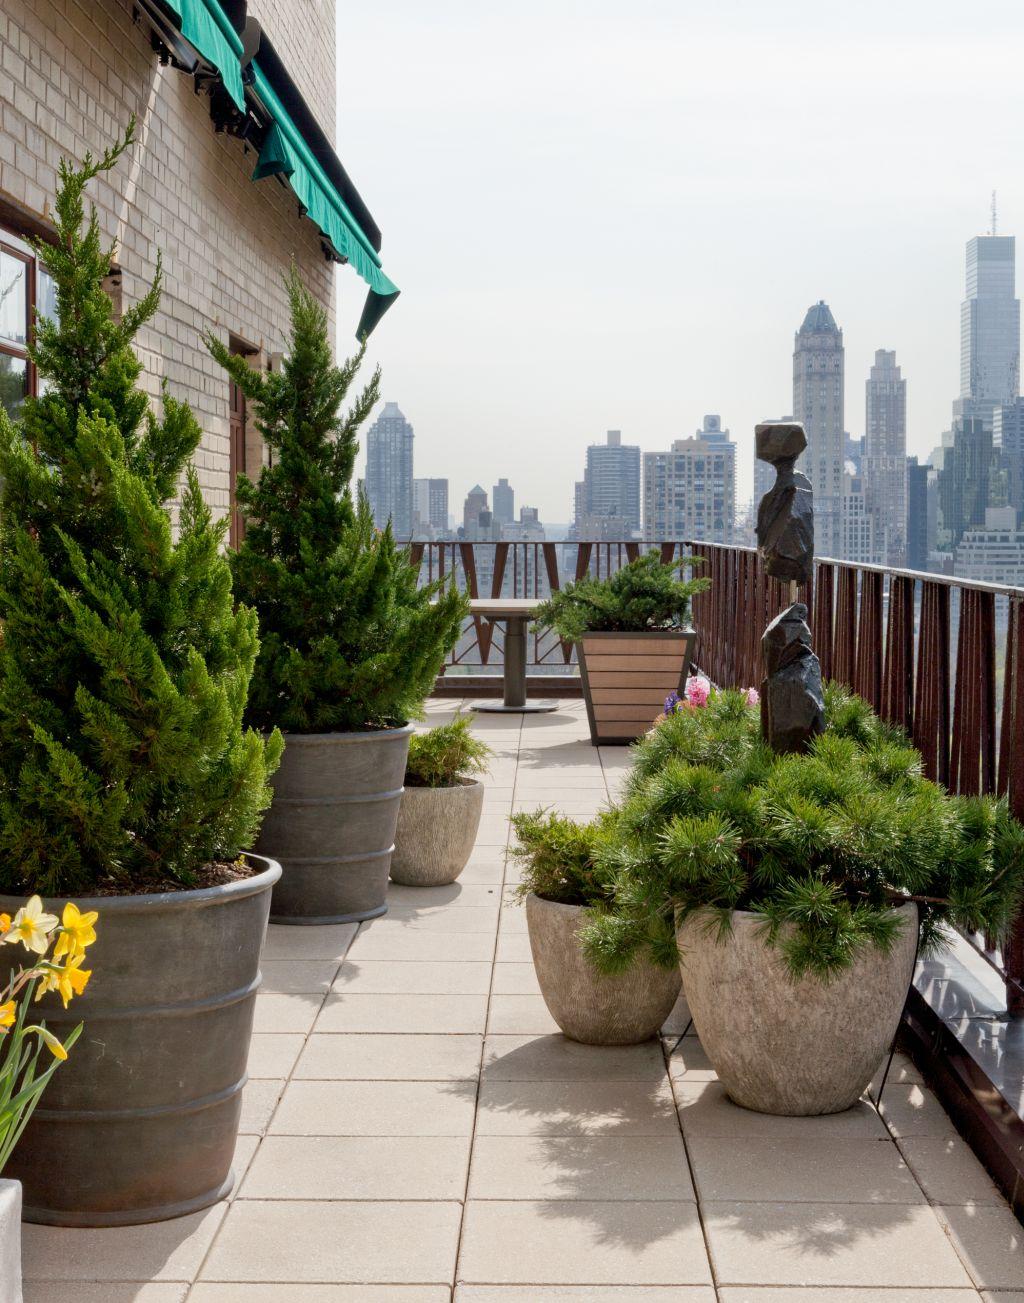 Бетонные вазоны с хвойными растениями украсят террасу дома